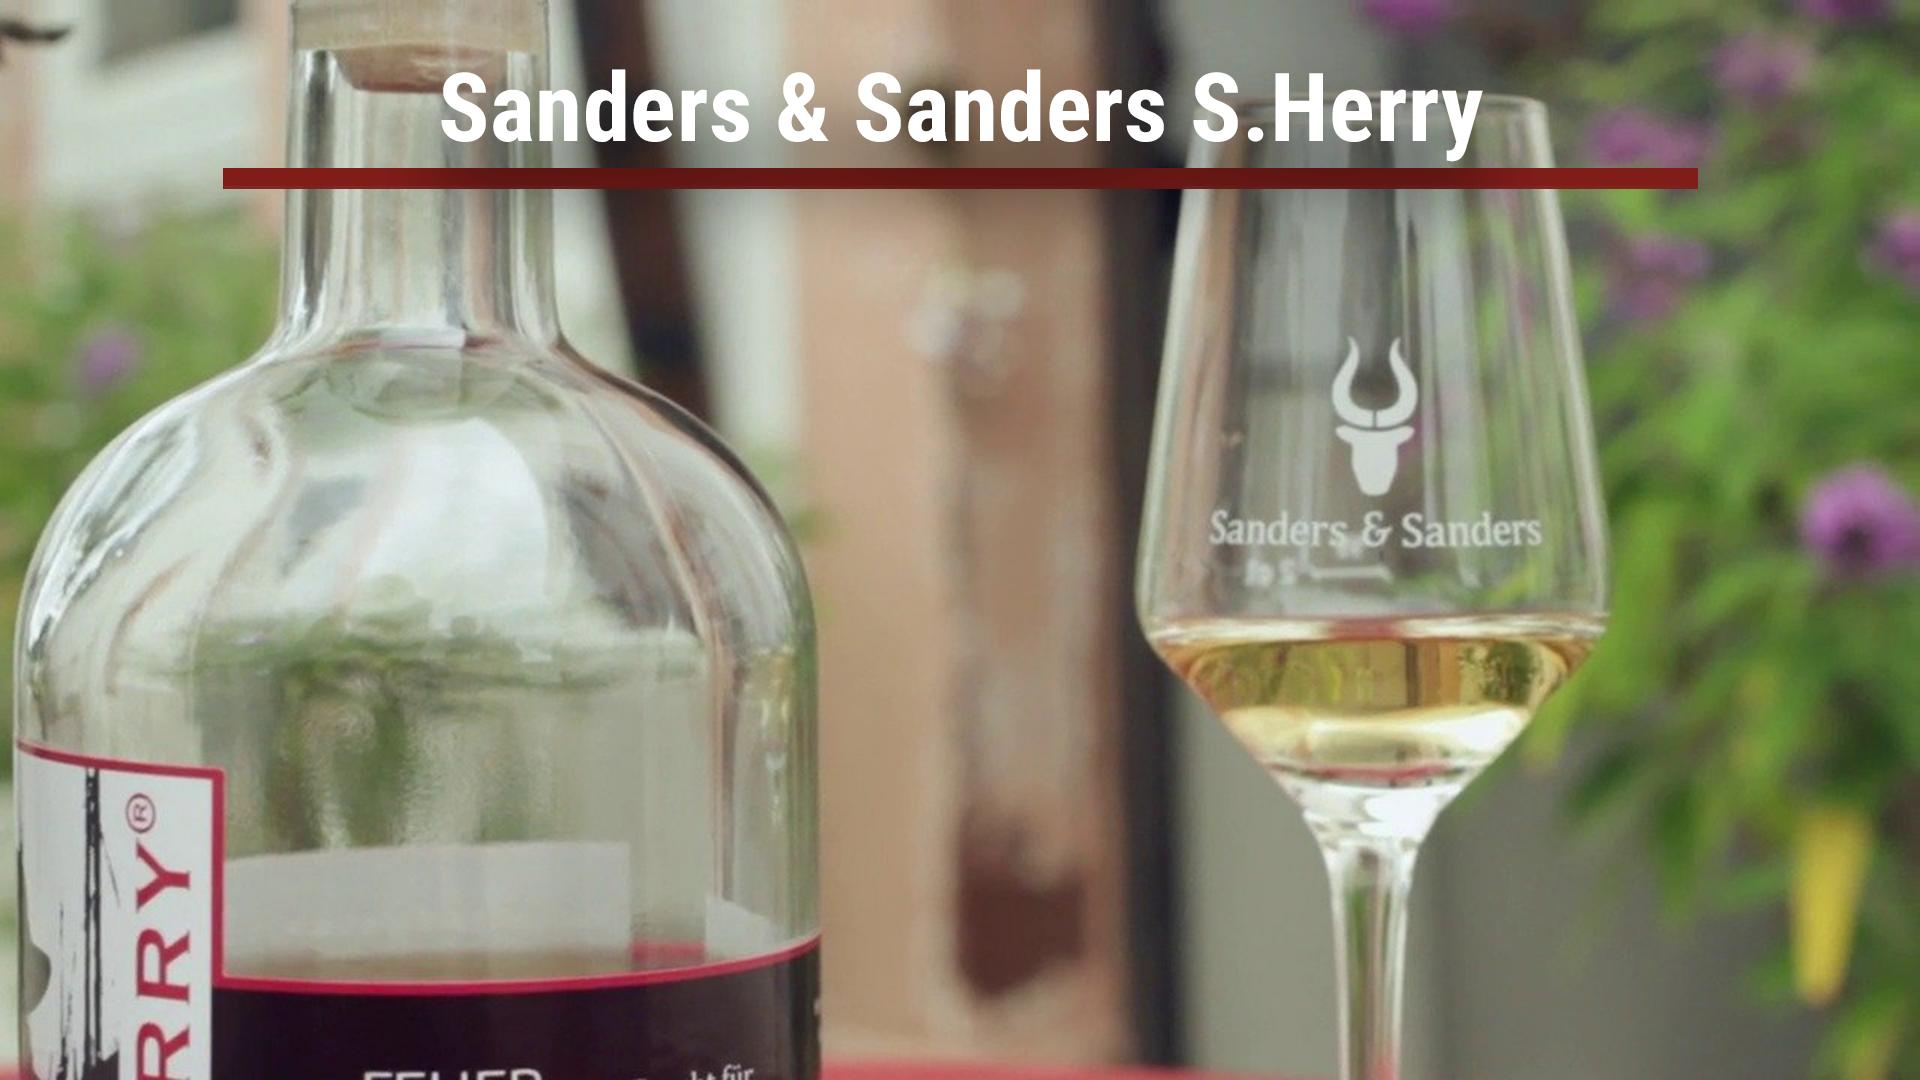 Sanders & Sanders S.Herry